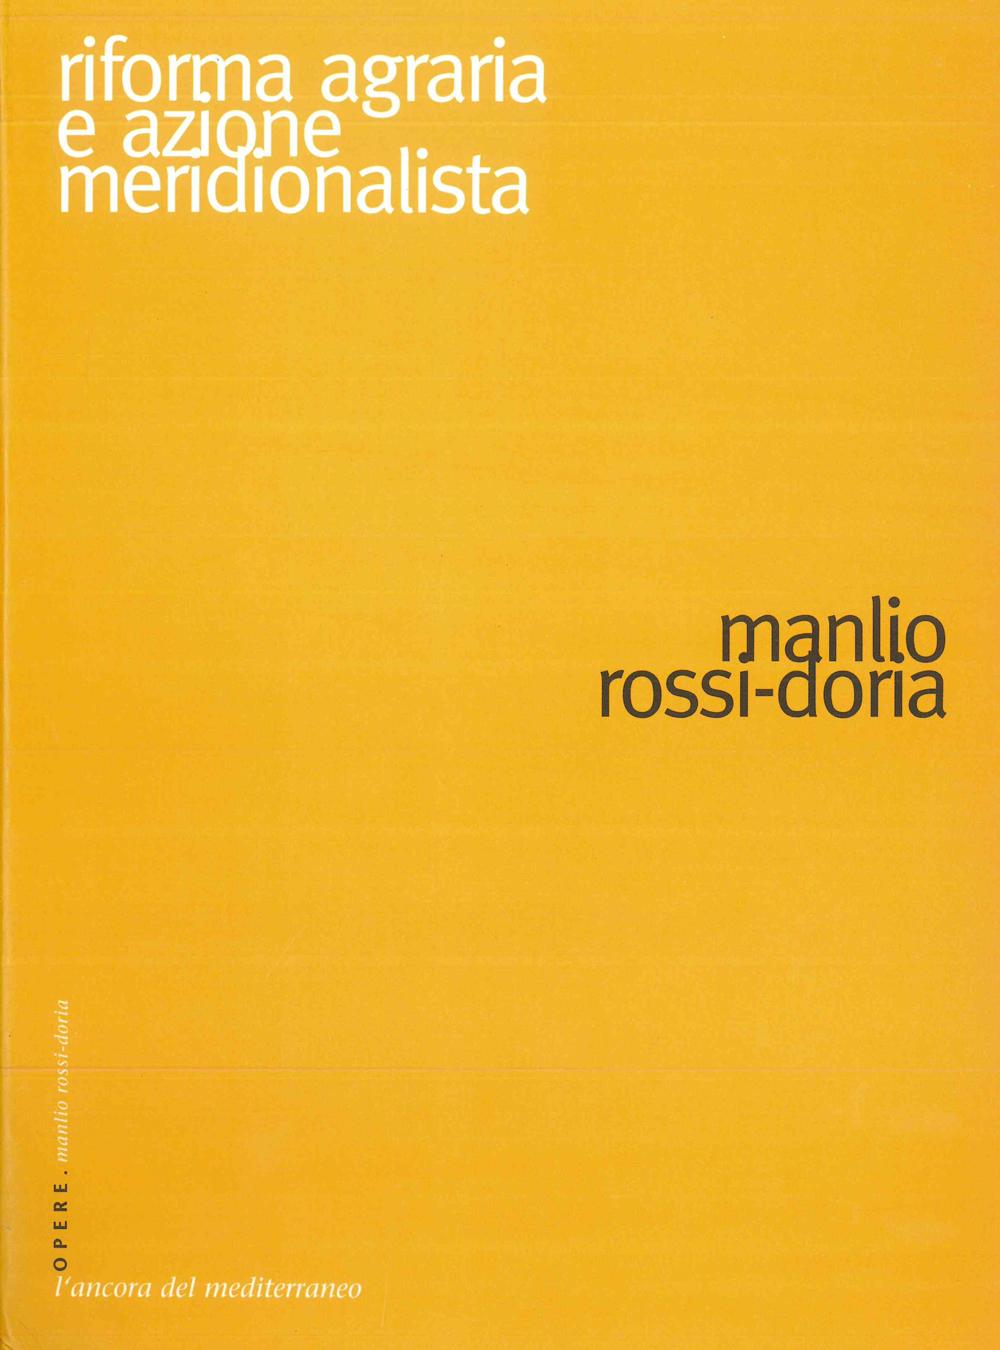 Riforma agraria e azione meridionalista - Scritti Manlio Rossi-Doria